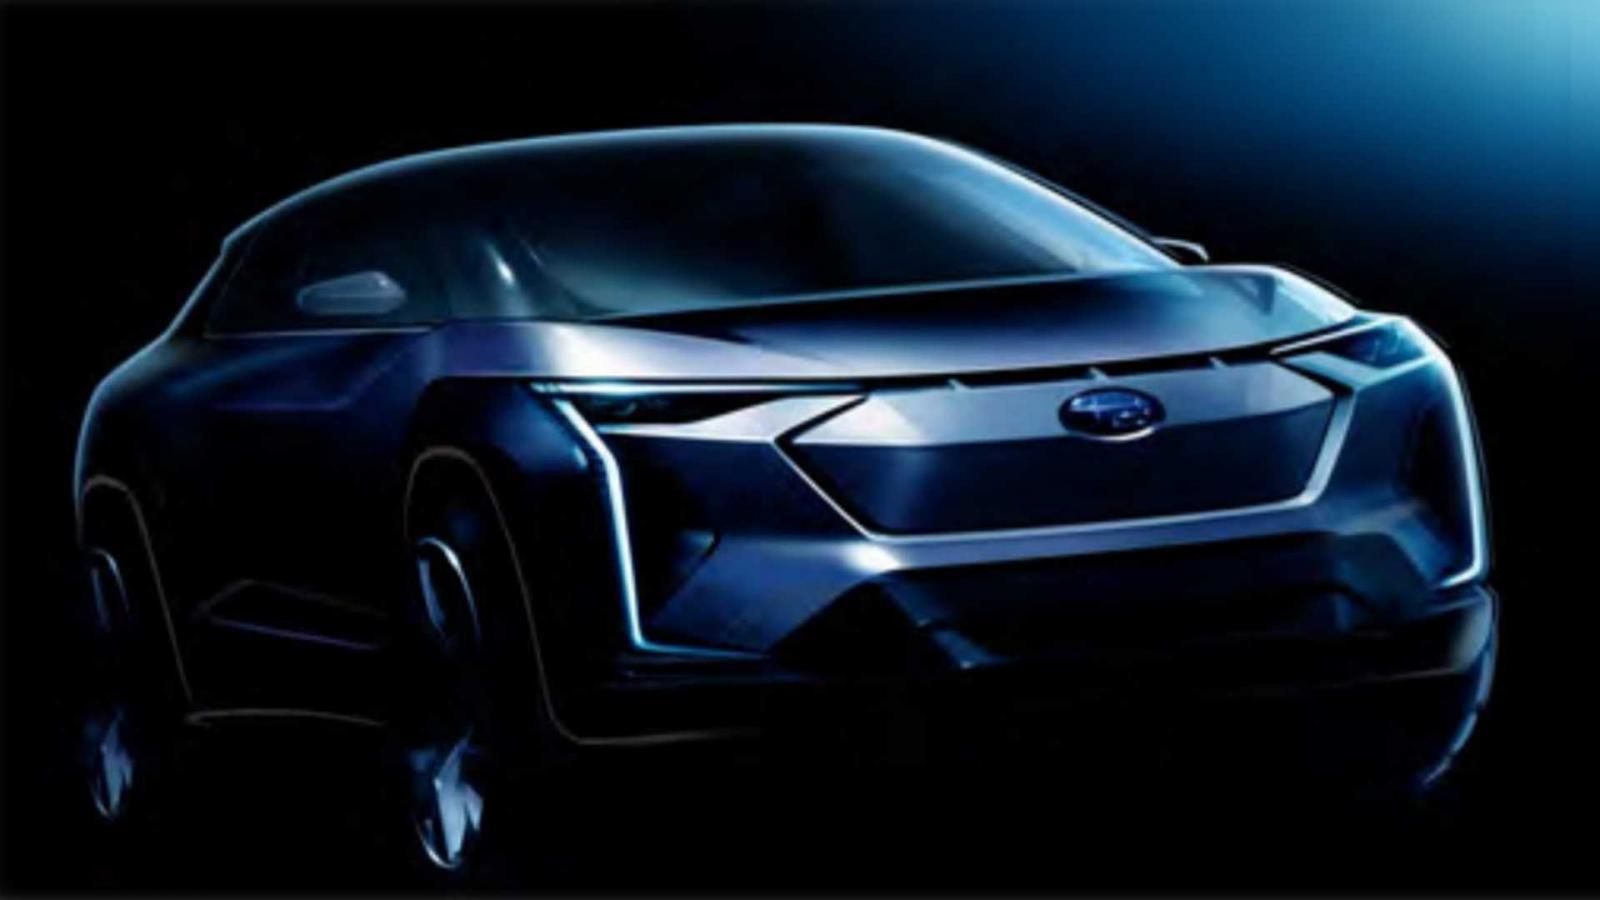 Subaru Concept 2020